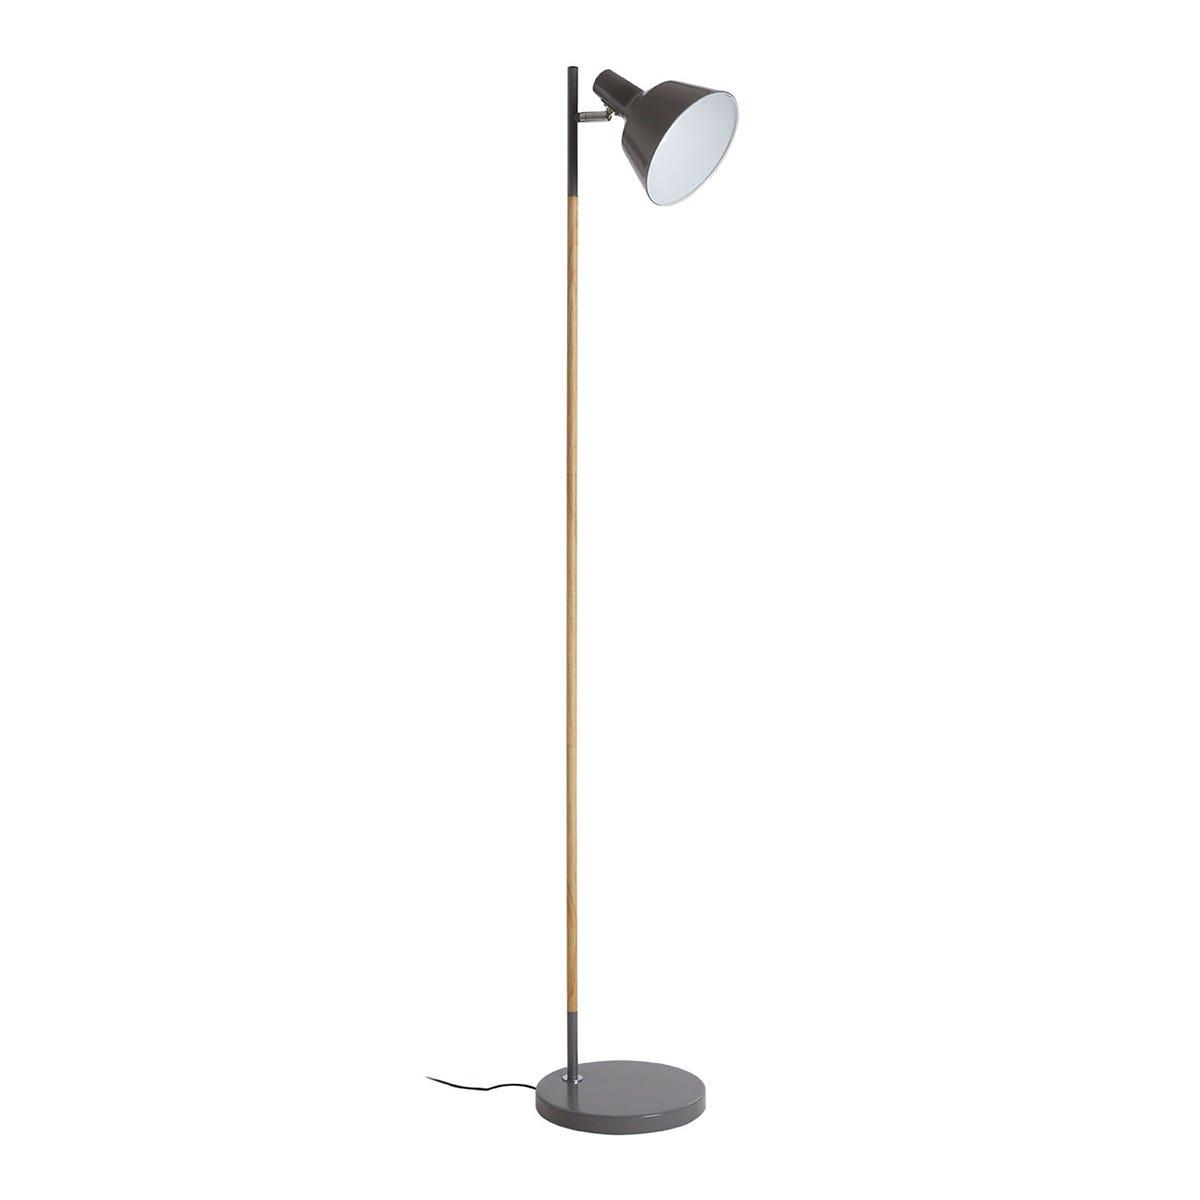 Premier Housewares Bryant Floor Lamp In Wood & Metal - Grey